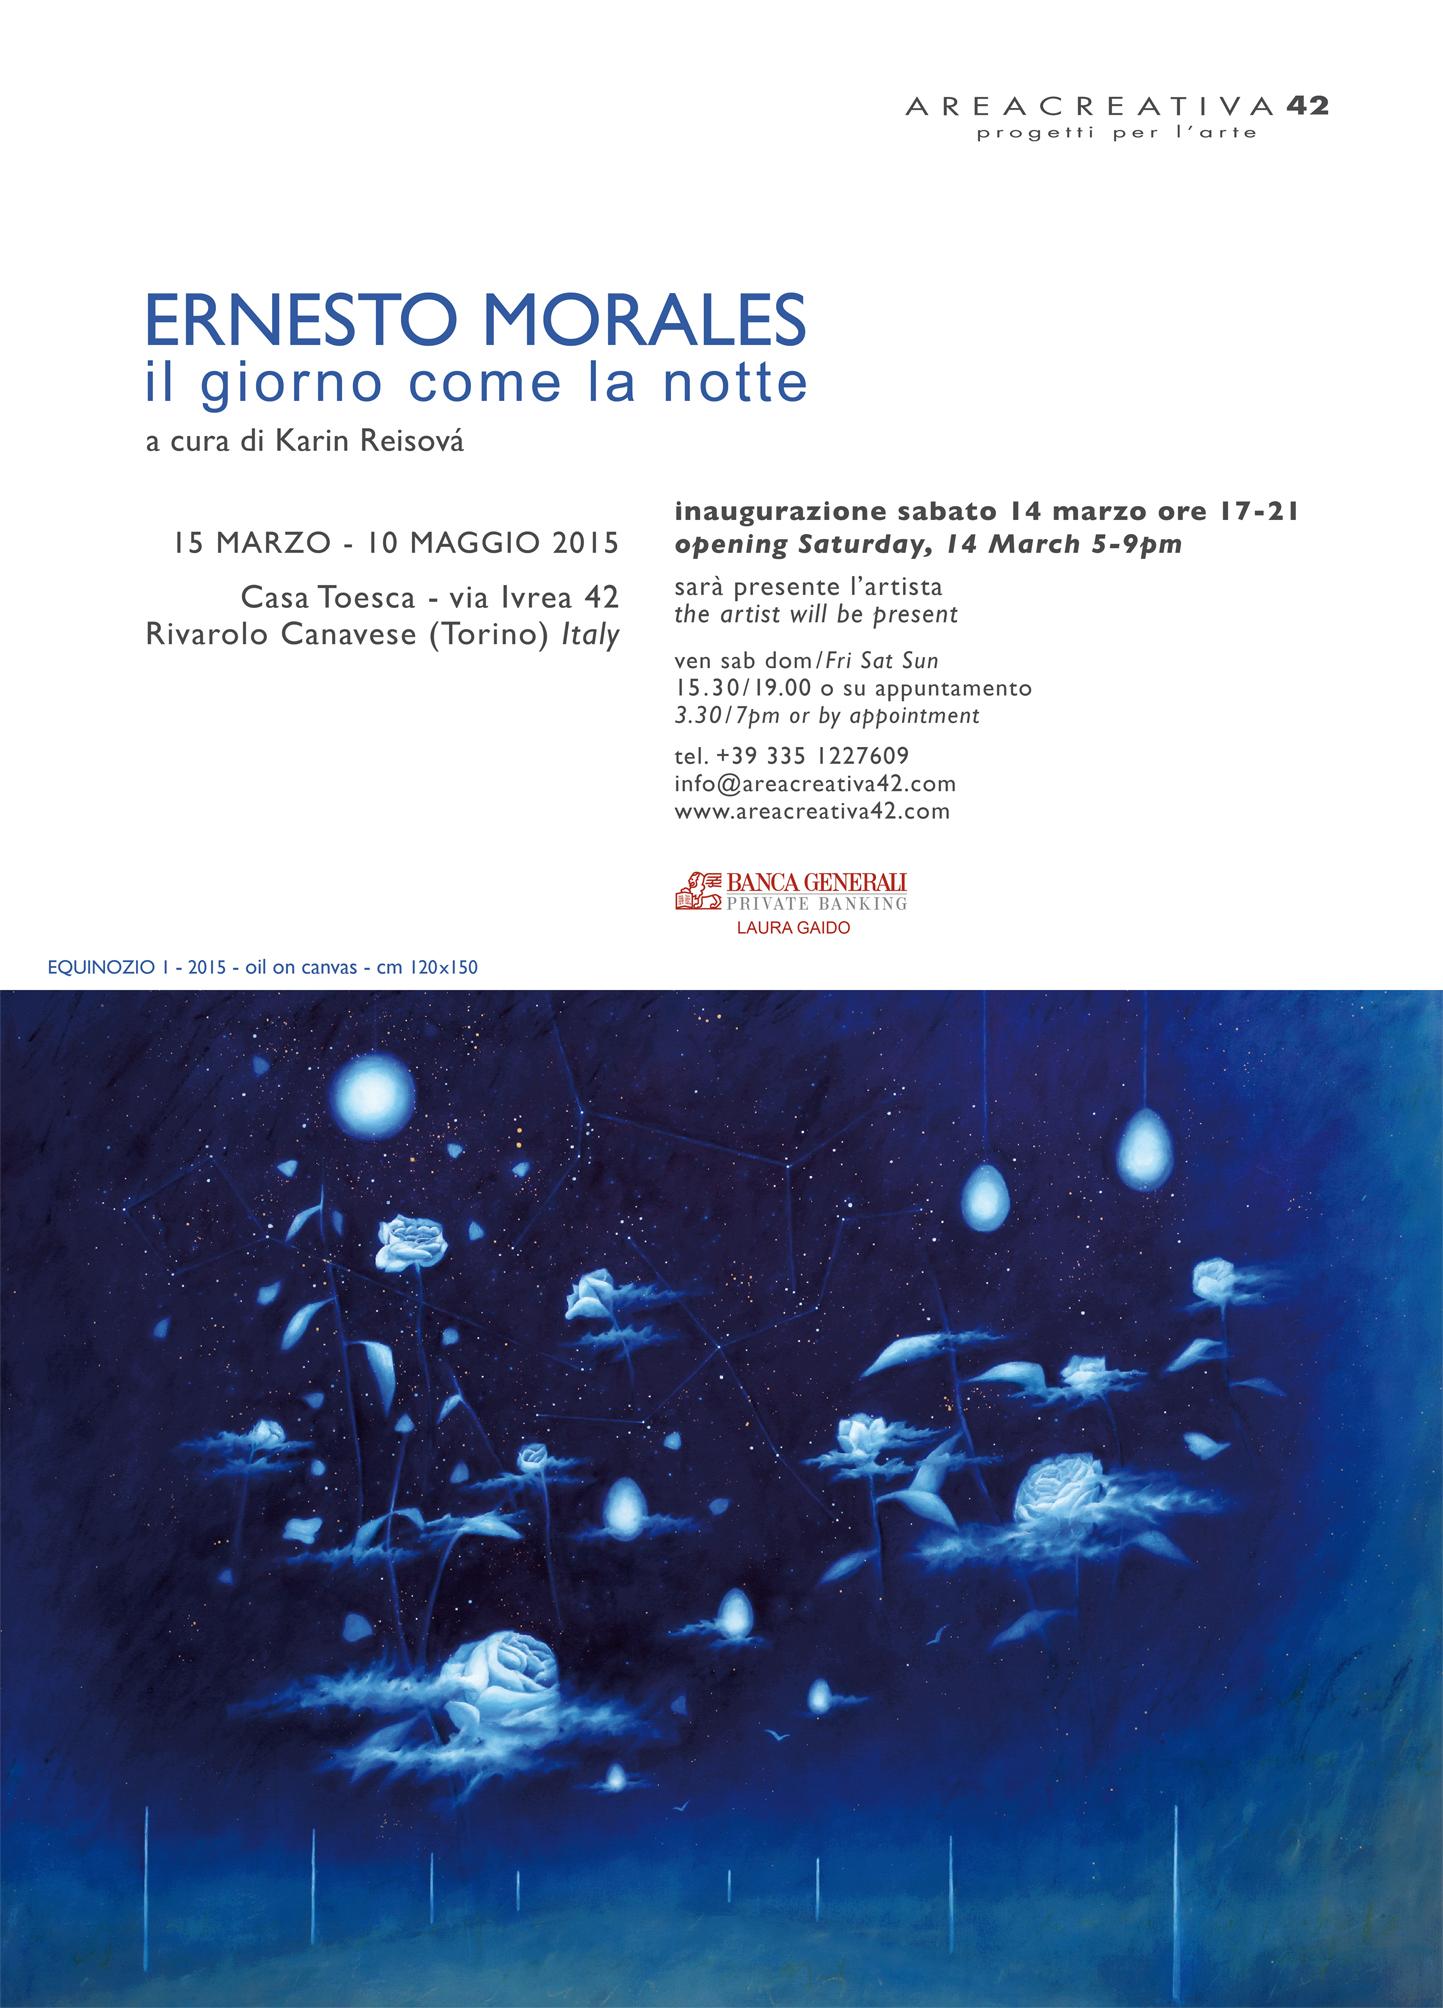 Ernesto Morales - Il giorno come la notte